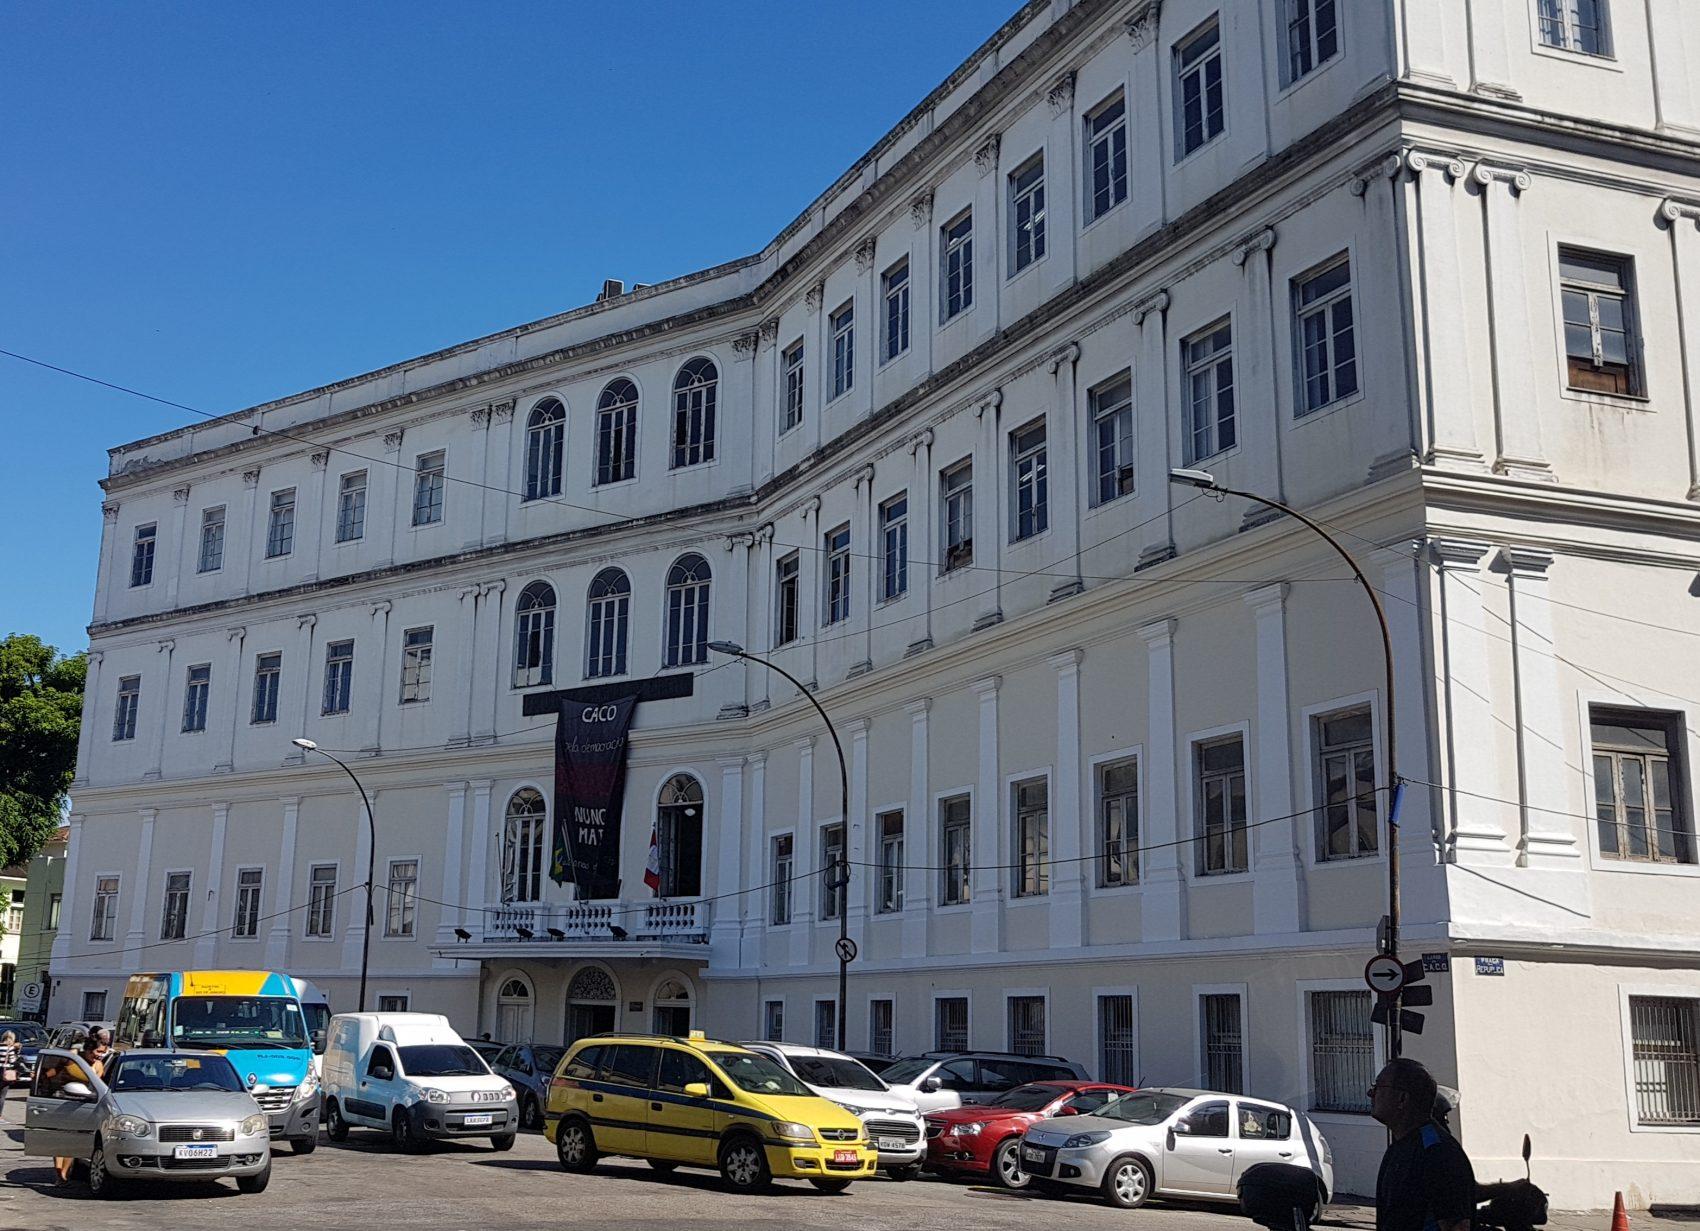 O Palácio Conde dos Arcos, hoje sede da Faculdade Nacional de Direito, abrigava o Senado Imperial: senadores aprovaram abolição com apenas um voto contra no dia 13 de maio (Foto Oscar Valporto)